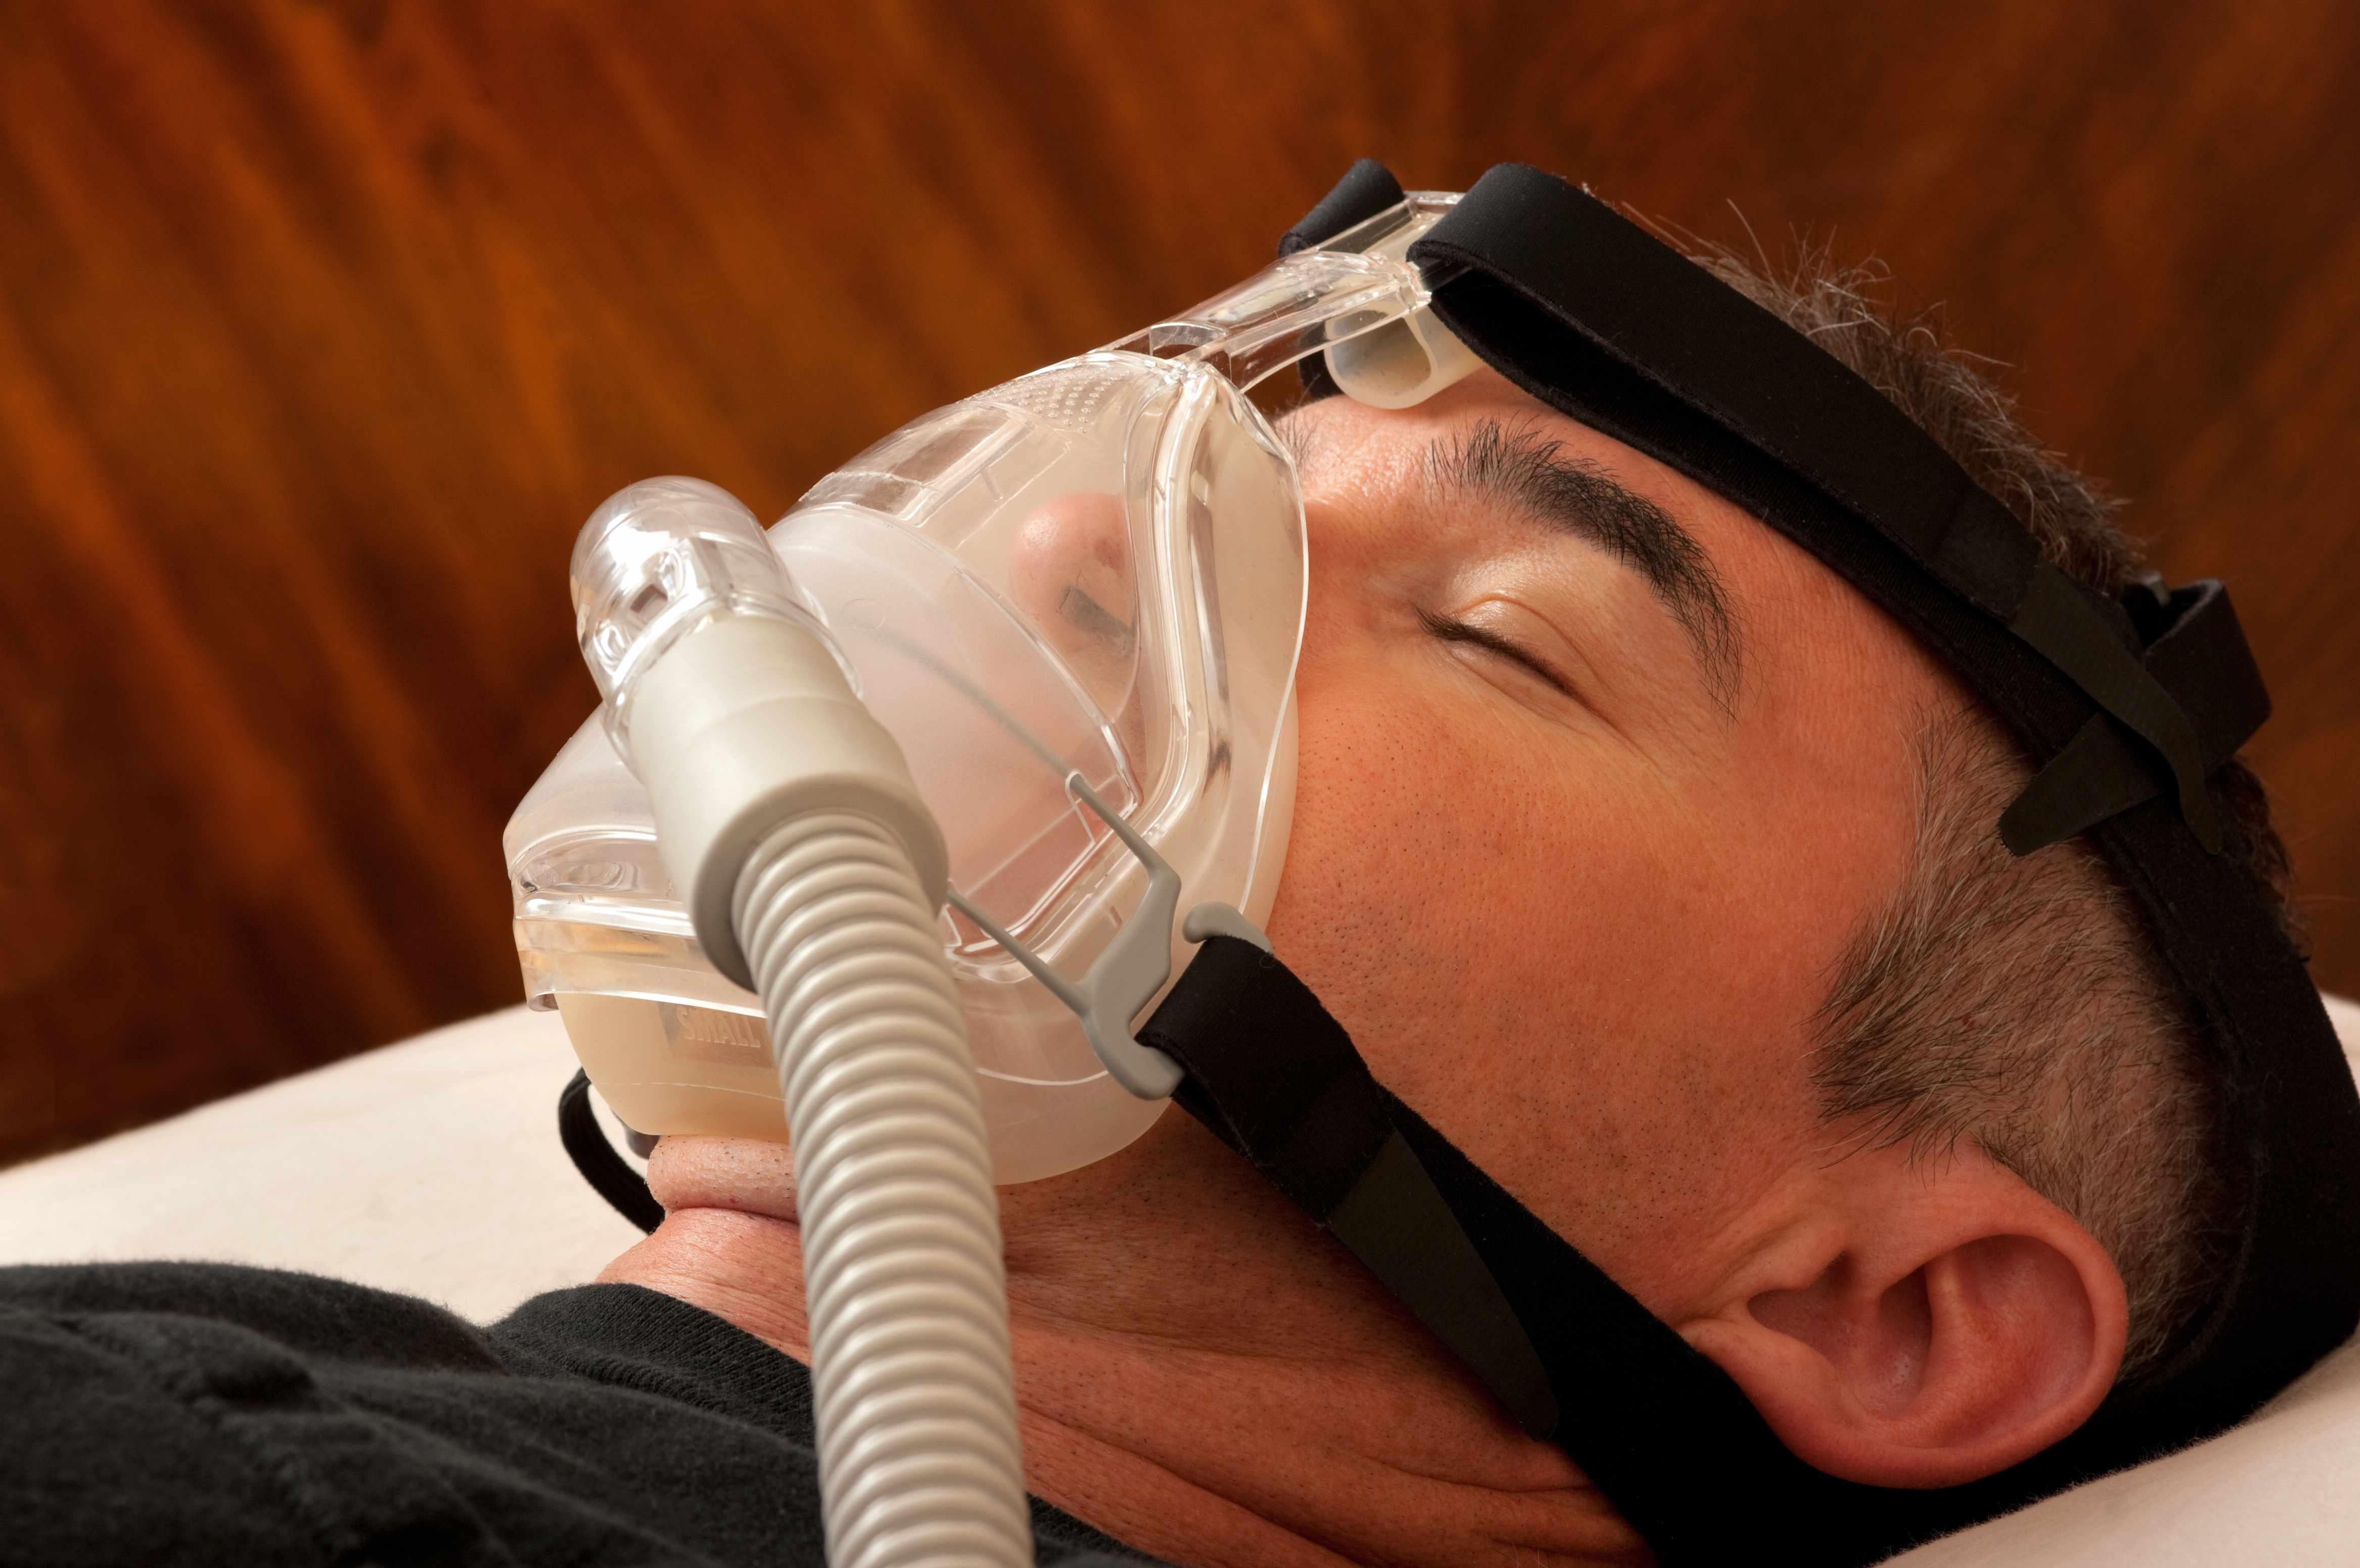 man sleeping with sleep apnea mask